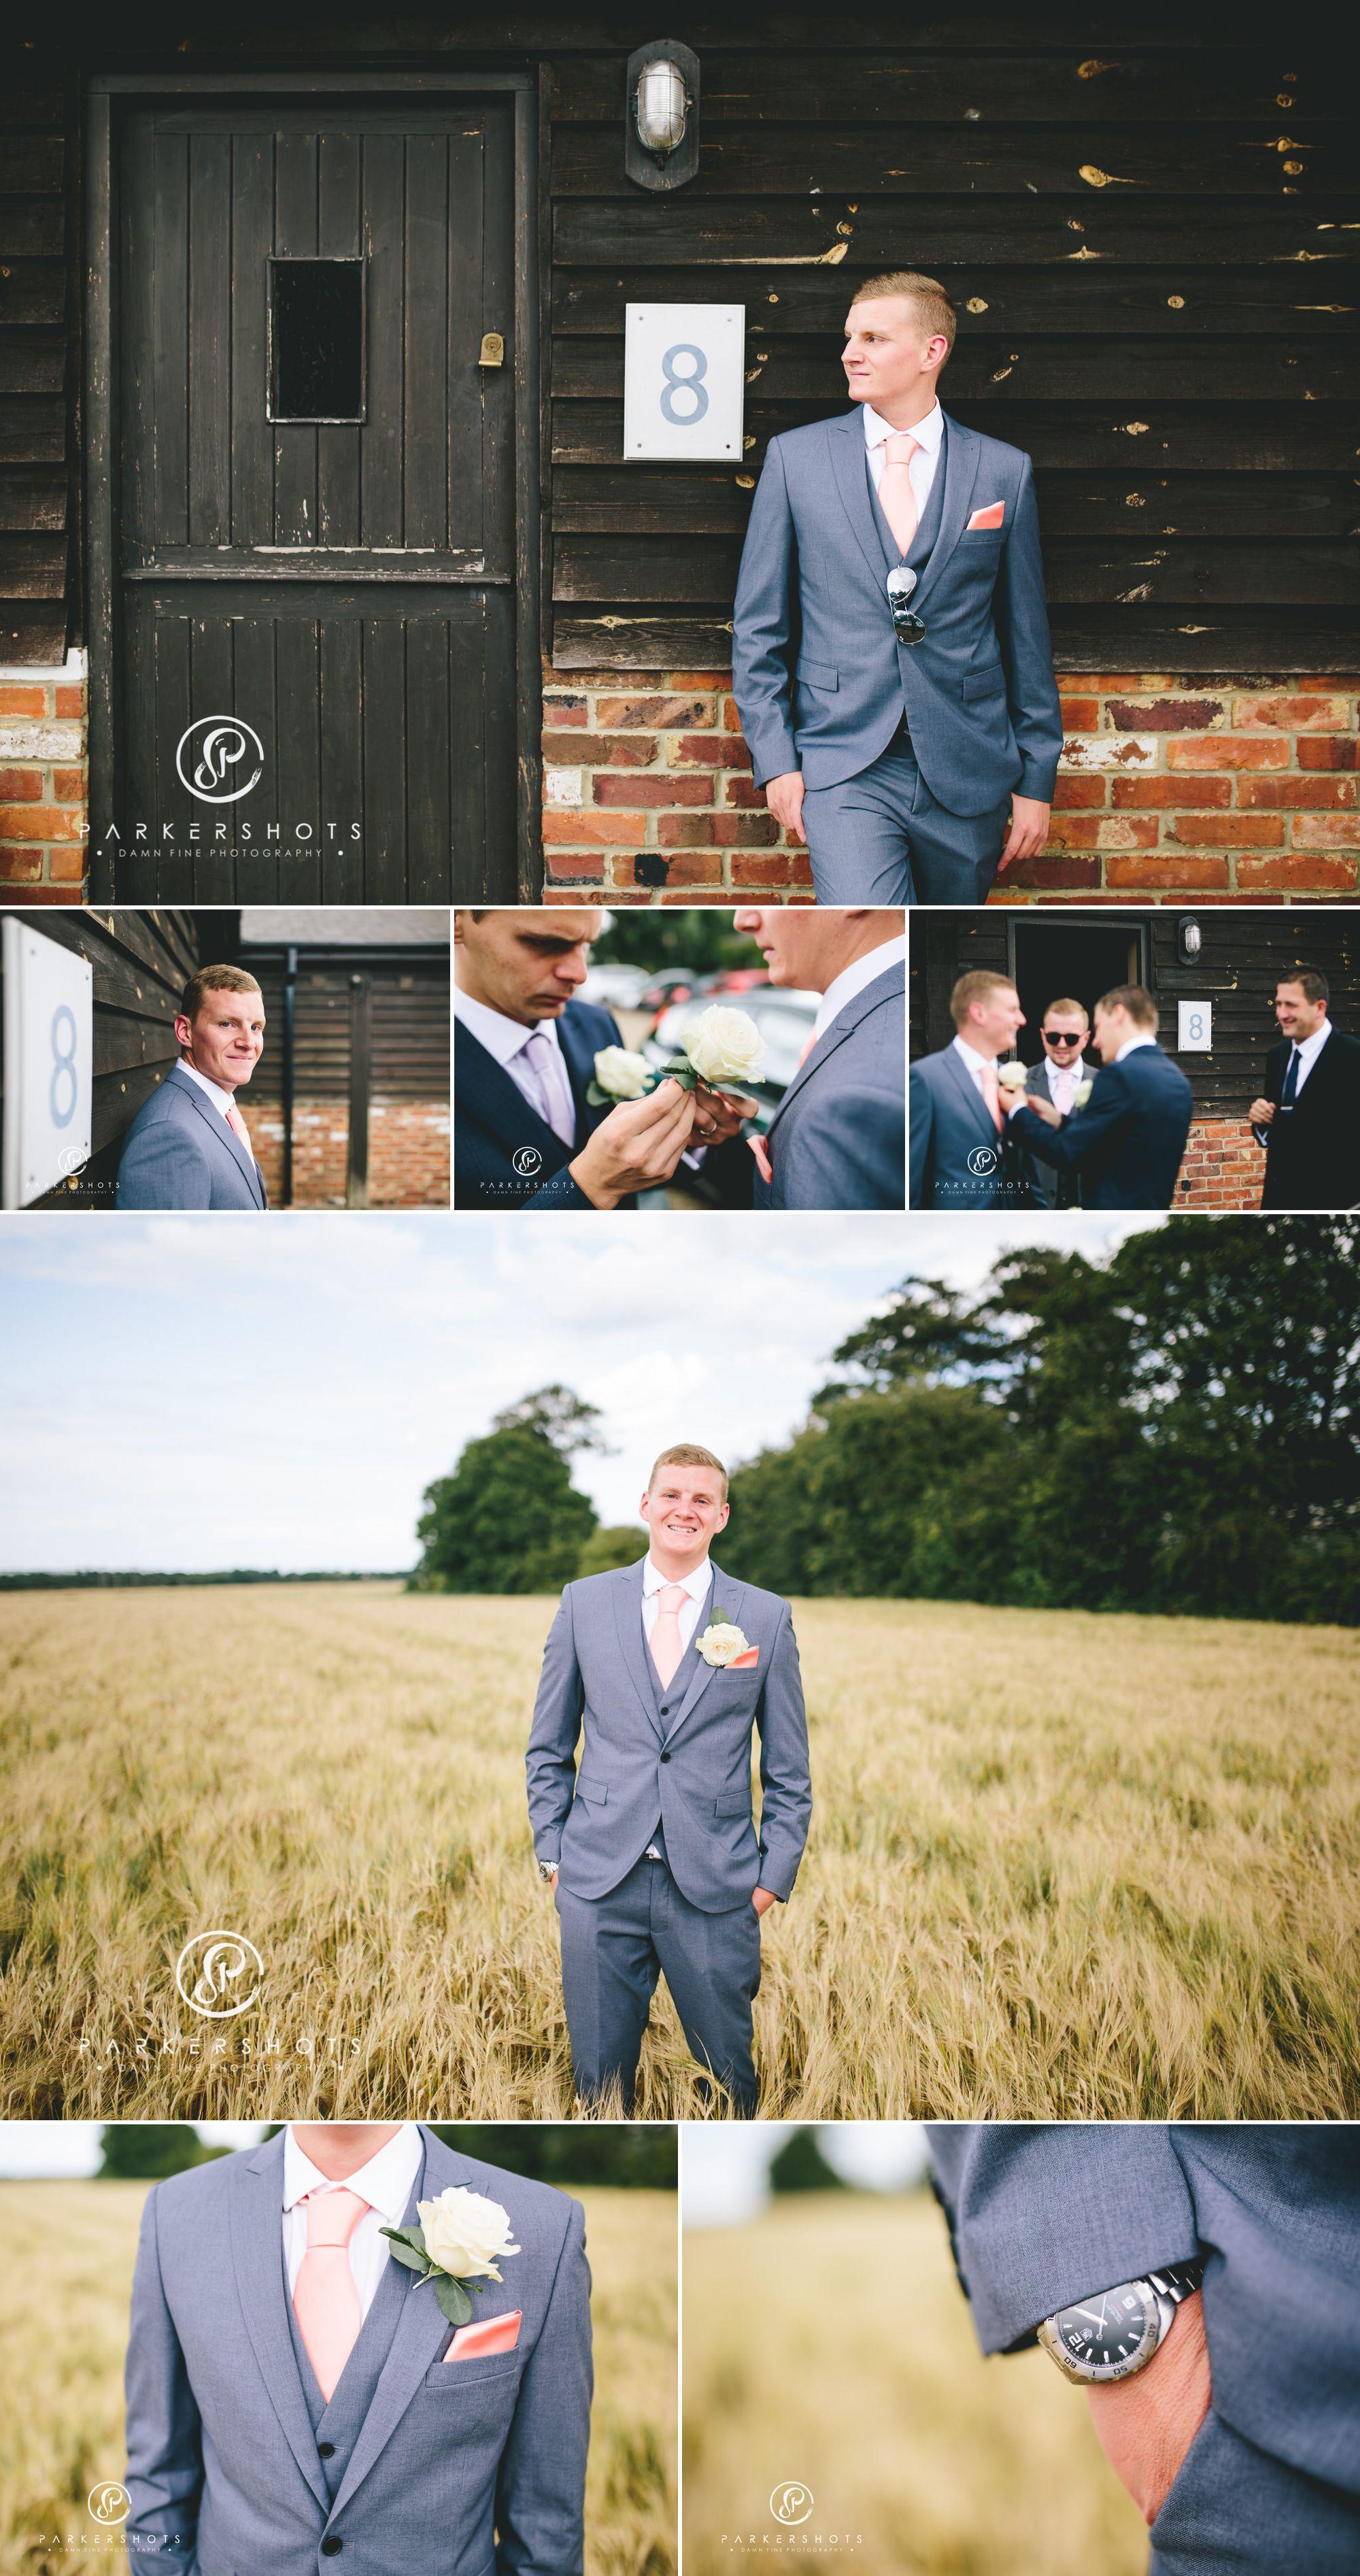 Blazing_Donkey_Wedding_Photographer 4